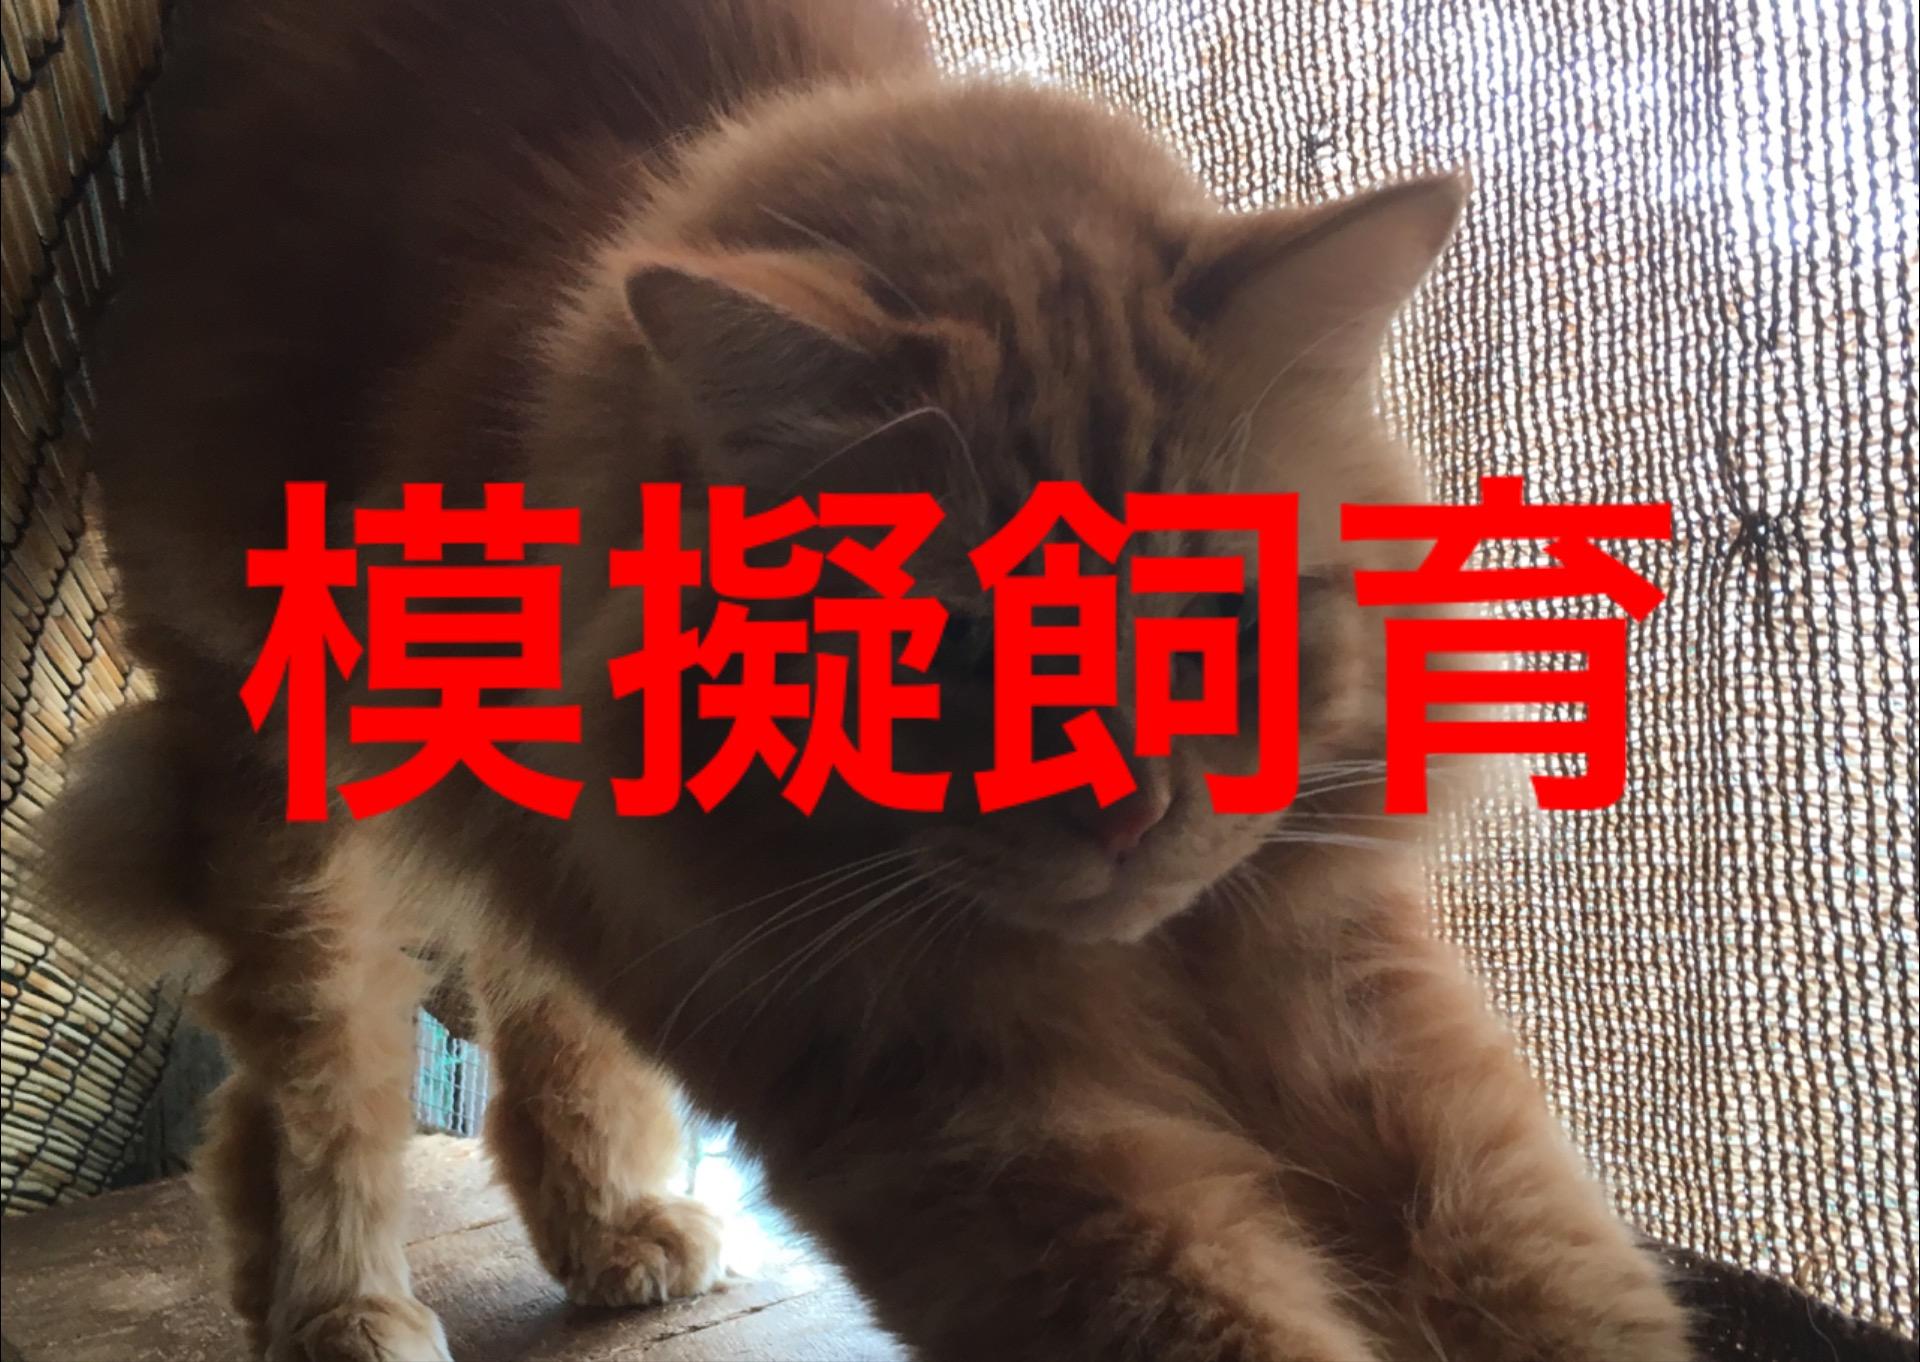 <ul> <li>猫種:茶トラ 長毛</li> <li>性別:男の子</li> <li>名前:小虎(ことら)</li> <li>年齢:5才</li> <li>保護経緯:引っ越しのため飼育困難になりました</li> <li>その他:去勢済み</li> </ul>